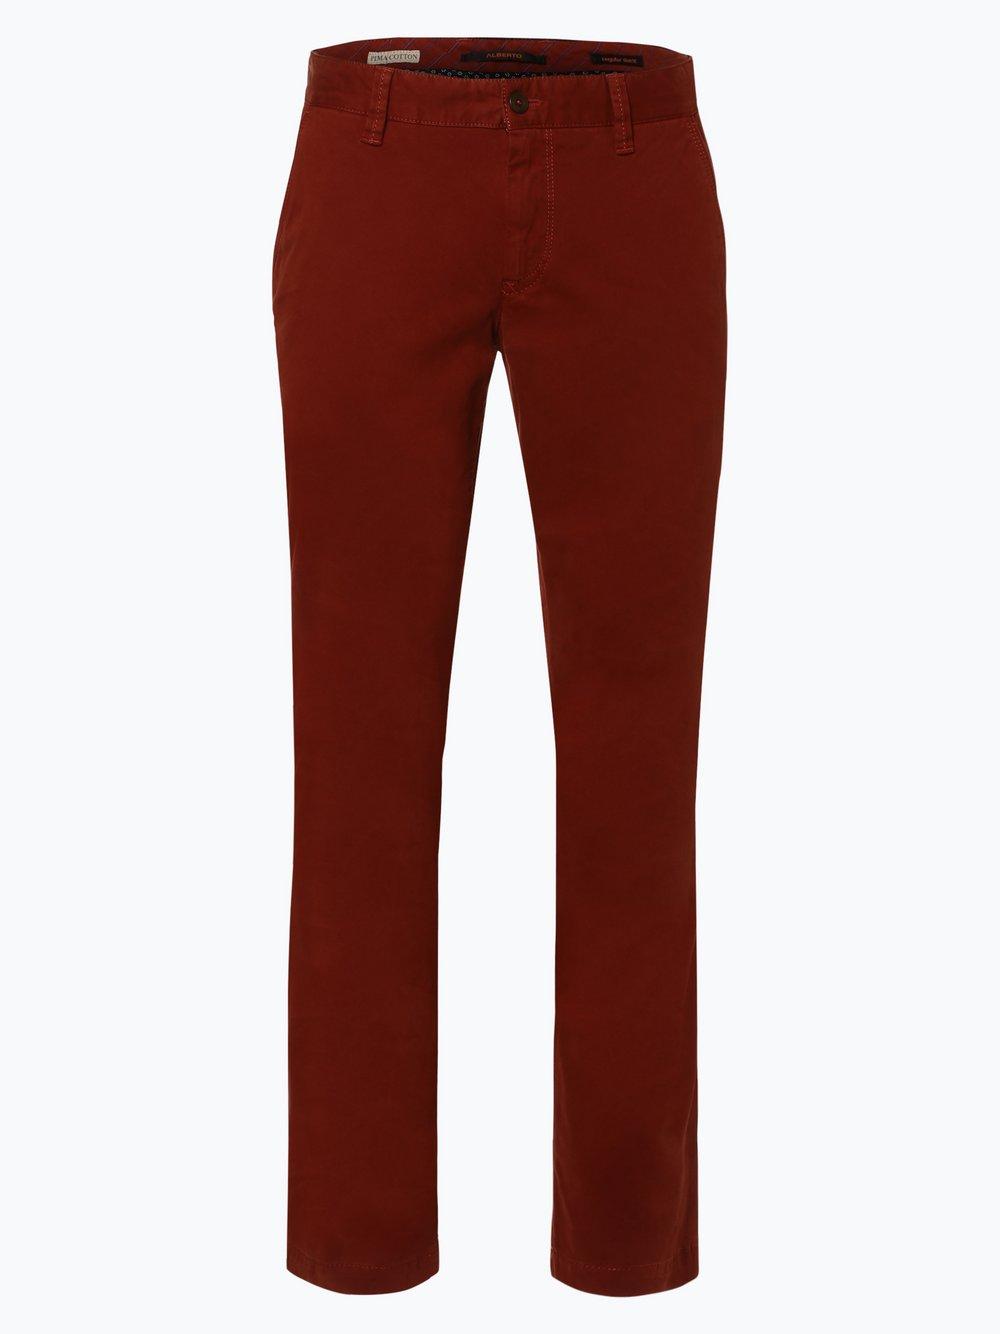 Alberto – Spodnie męskie – Lou, czerwony Van Graaf 298646-0008-03332